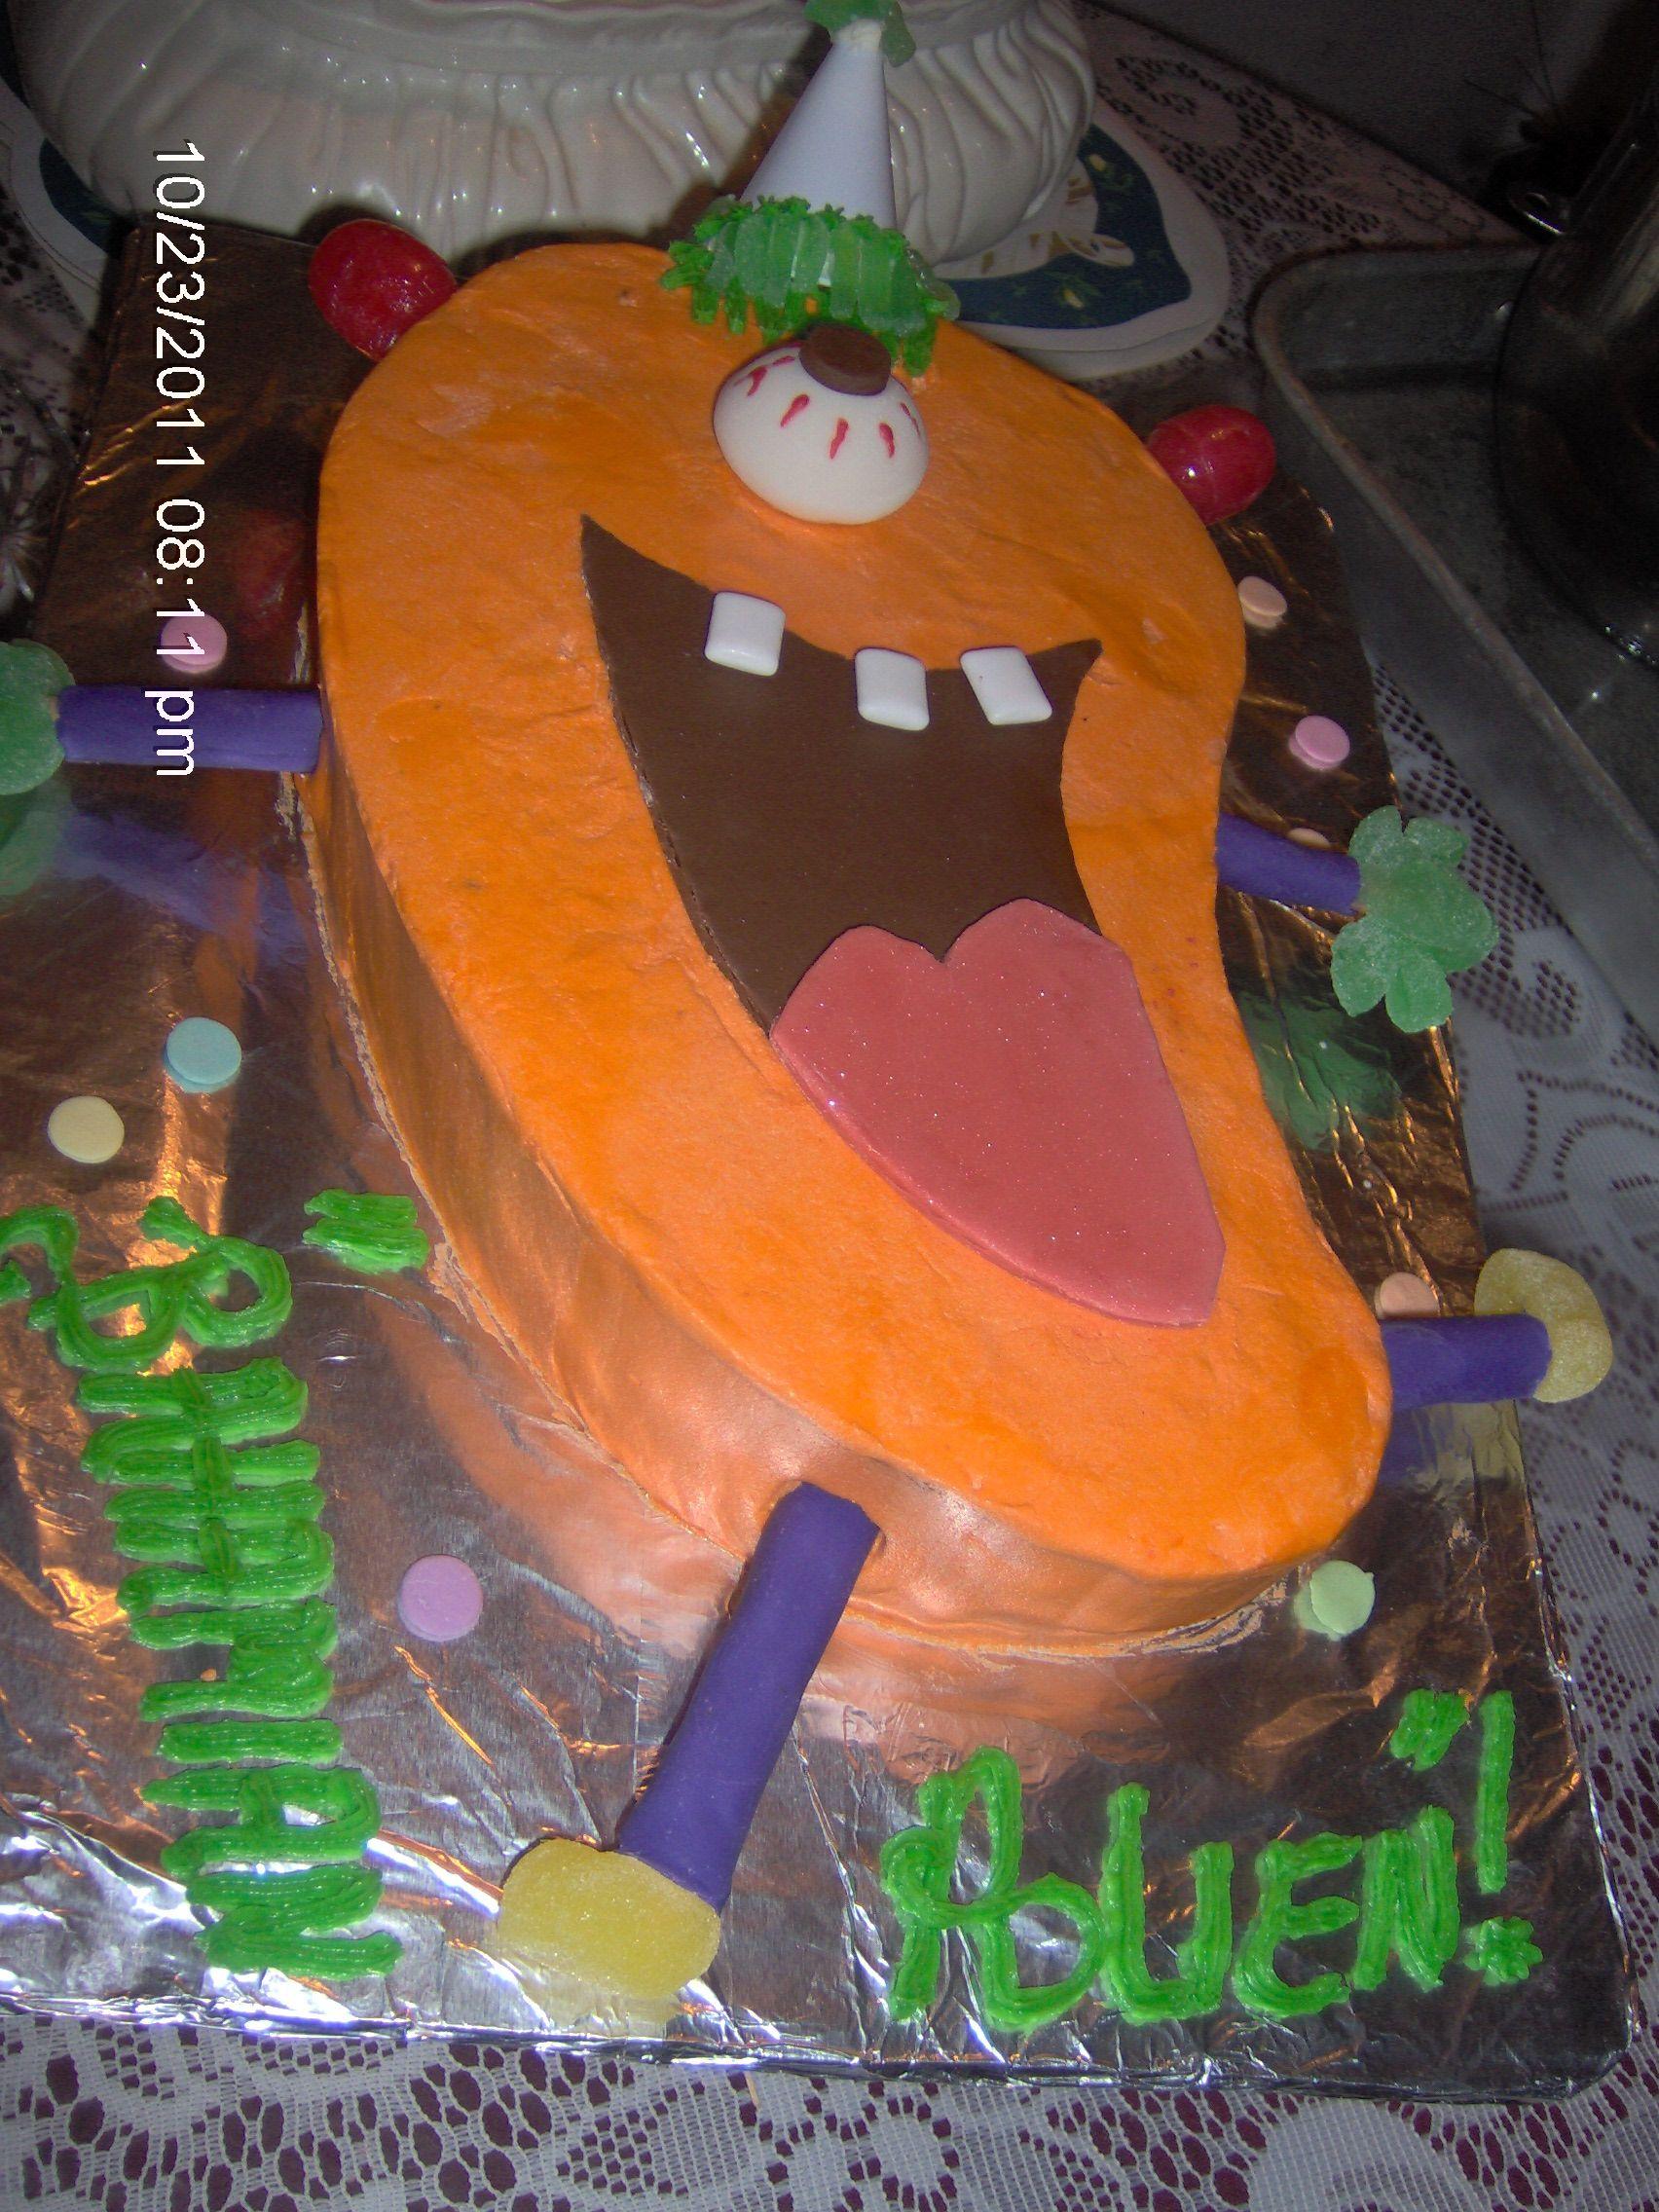 Bahamian Alien birthday cake!